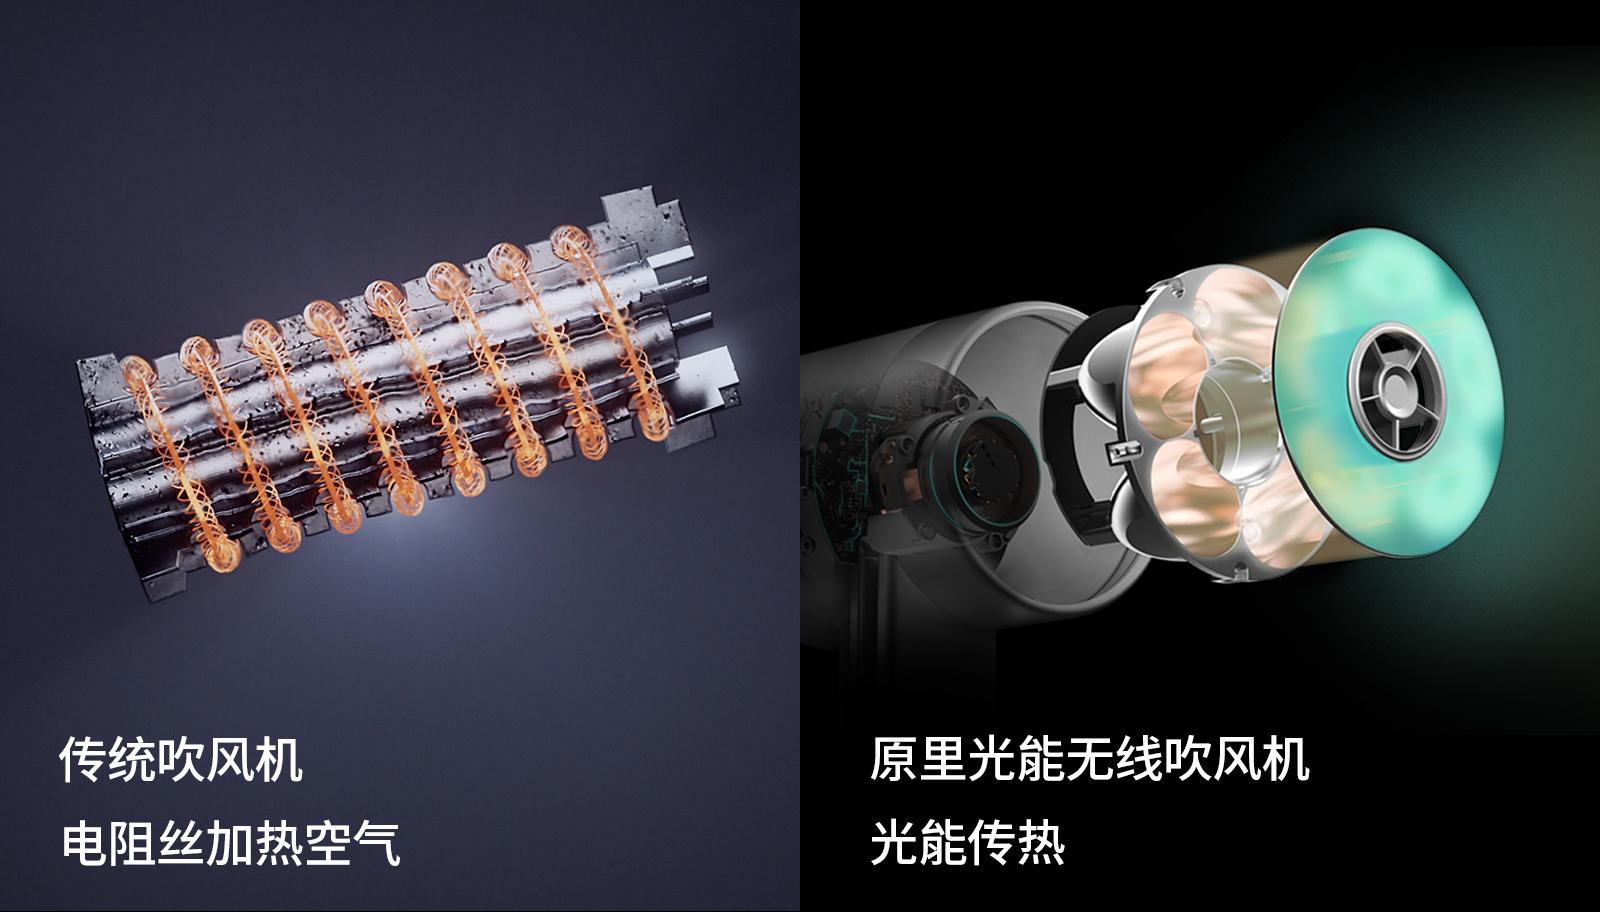 """对话Zuvi原里:用无线光能吹风机,颠覆100年吹发""""原理"""""""